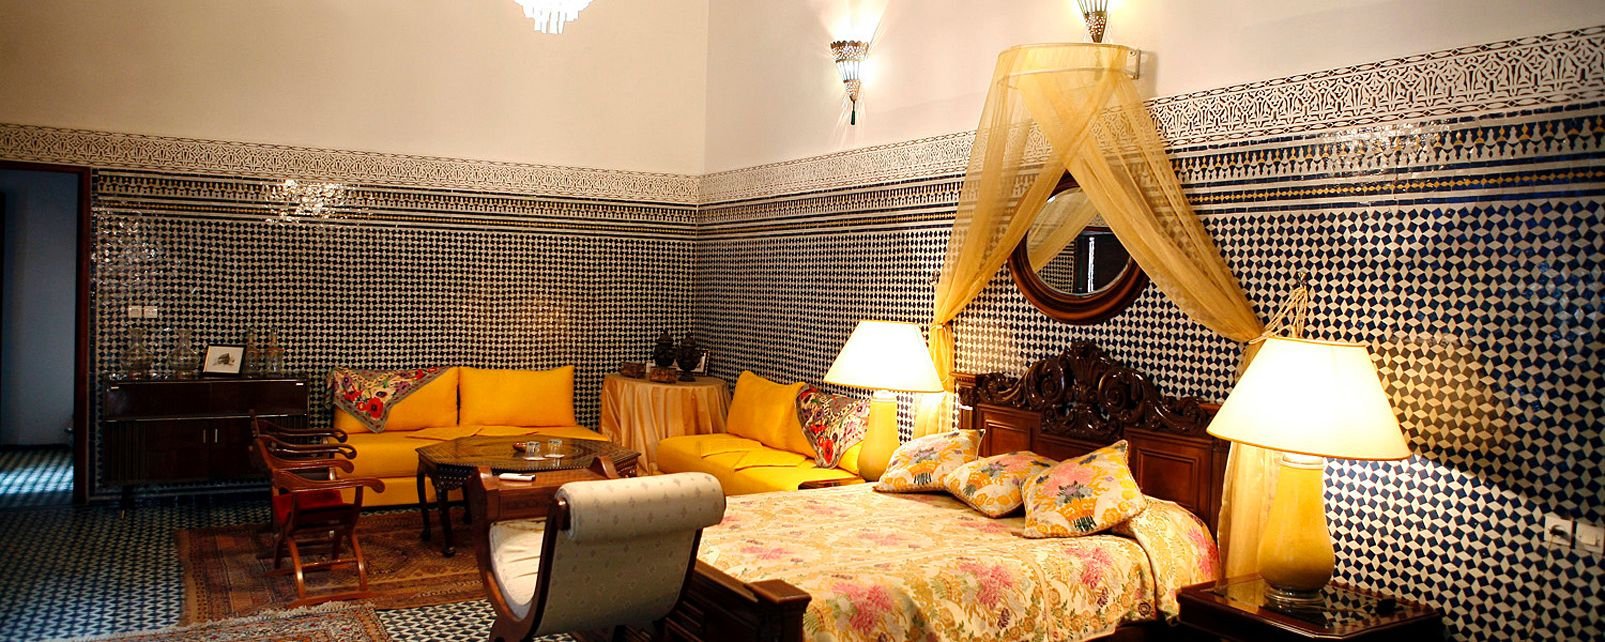 Hôtel Riad Damia